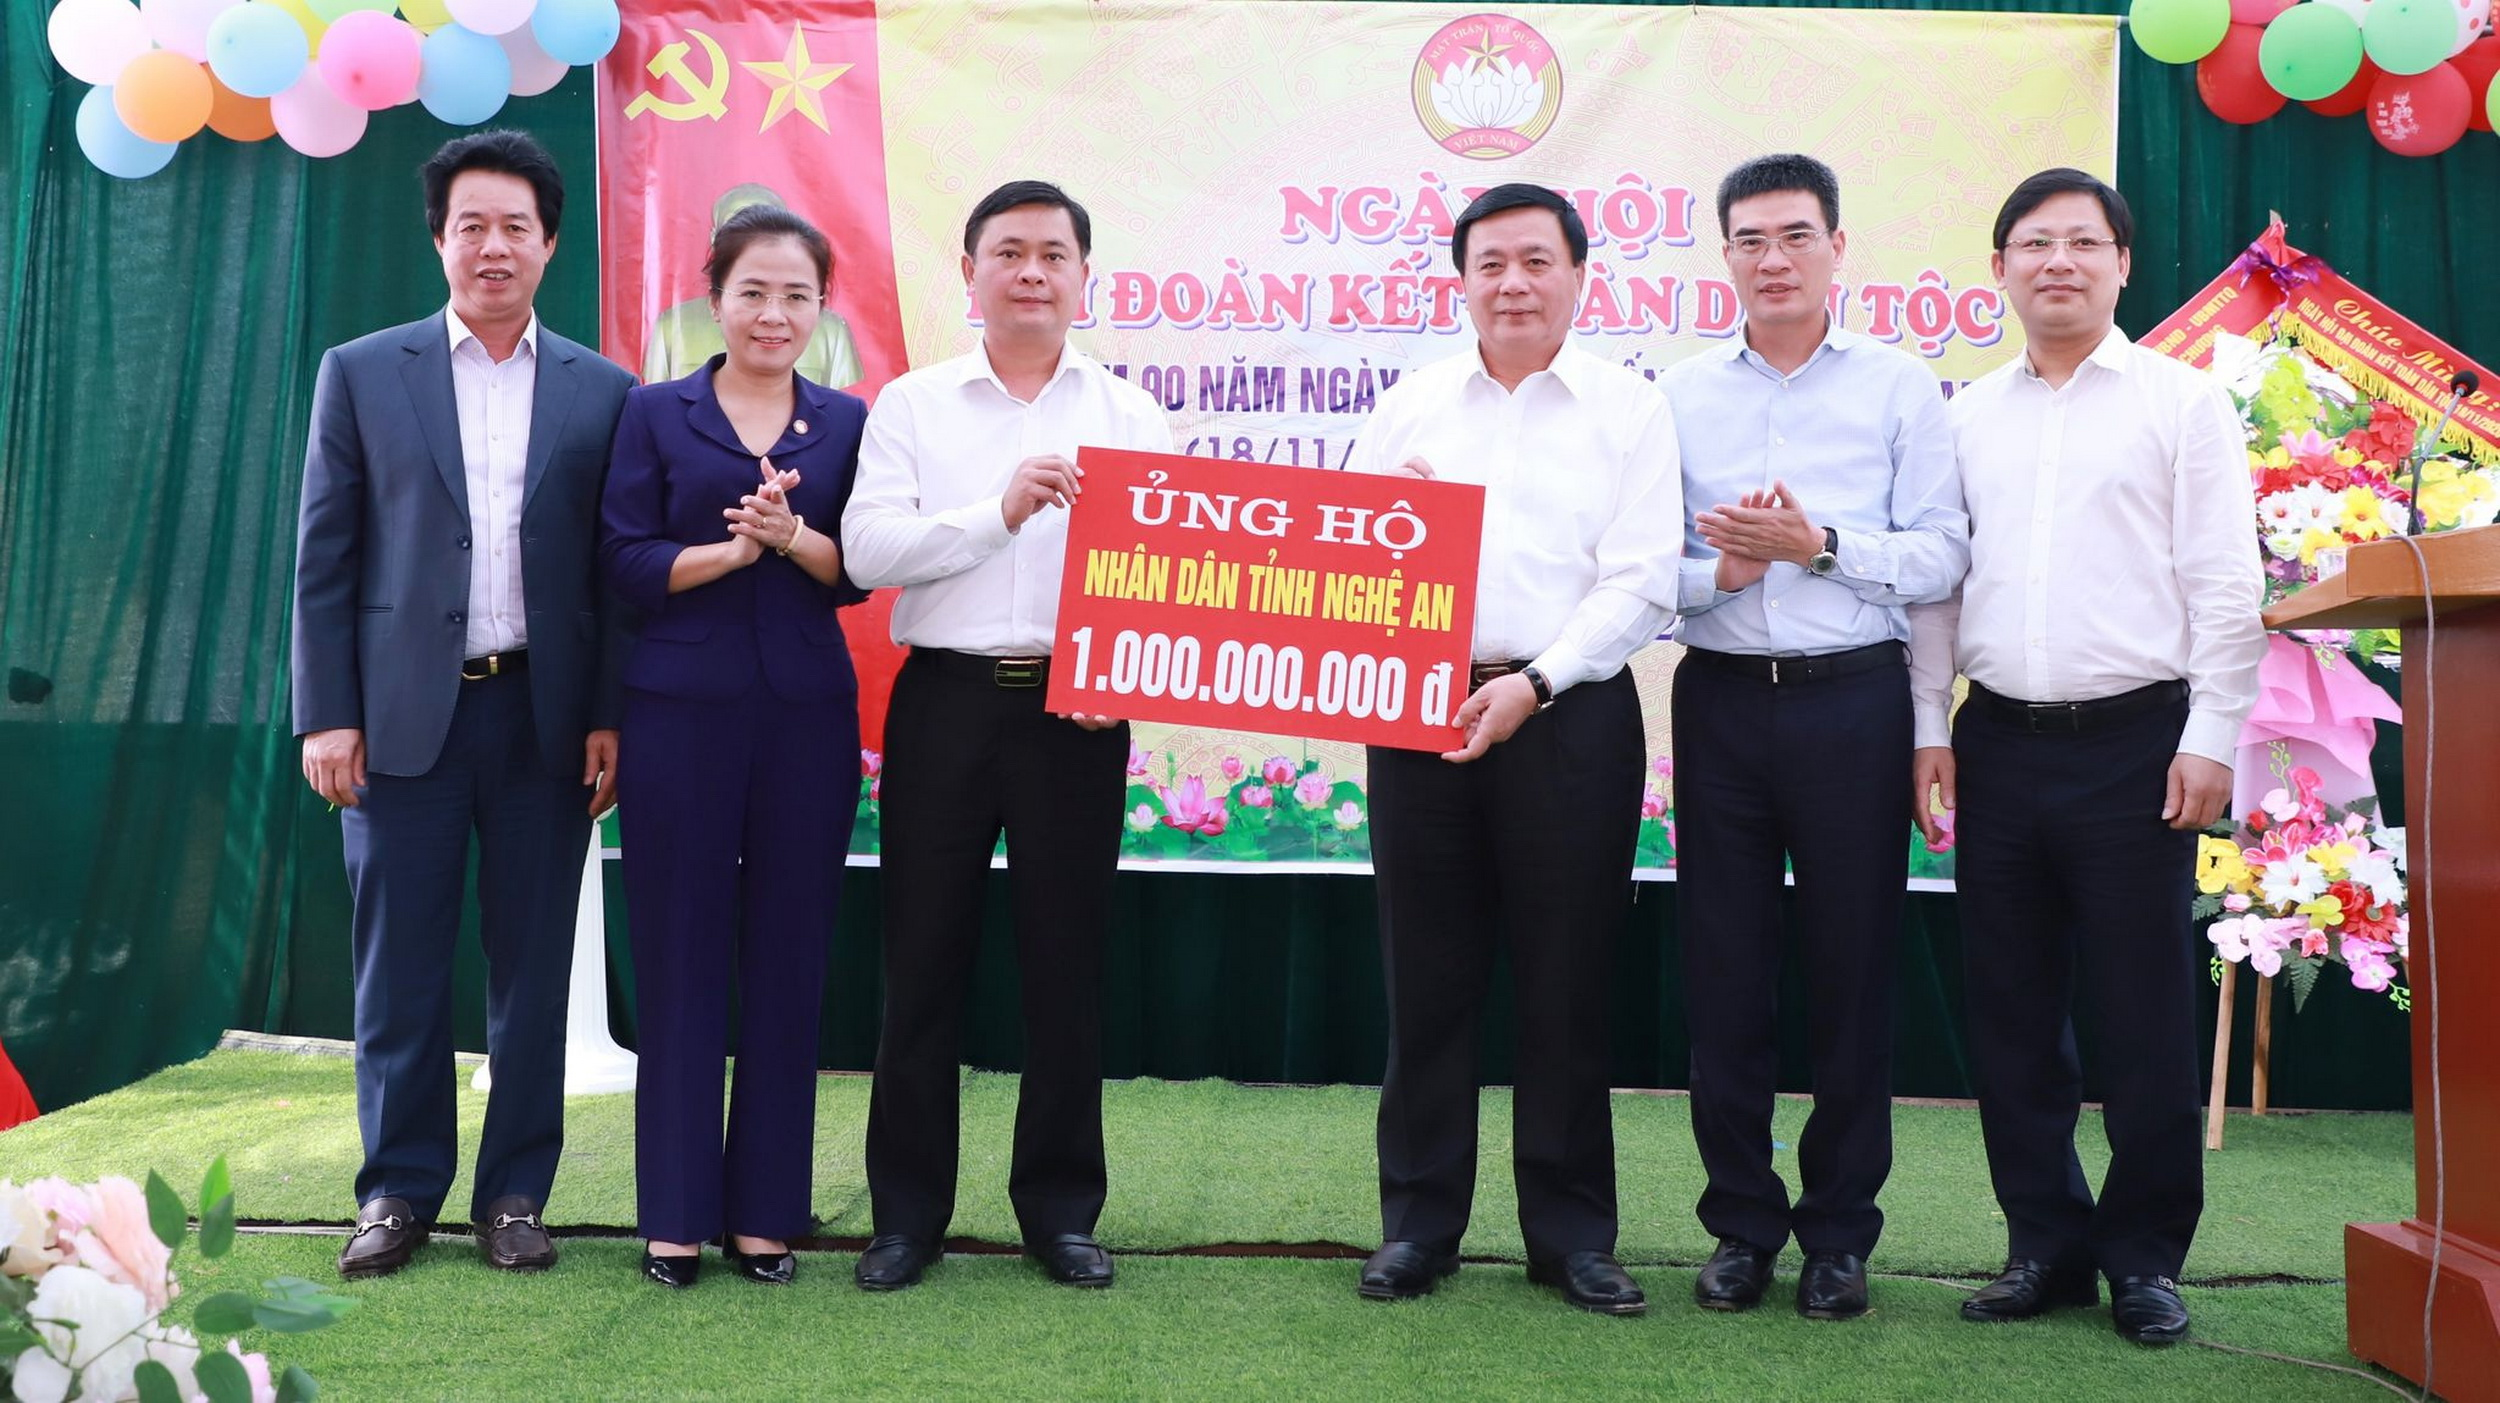 Đoàn công tác ủng hộ nhân dân Nghệ An khắc phục hậu quả thiên tai